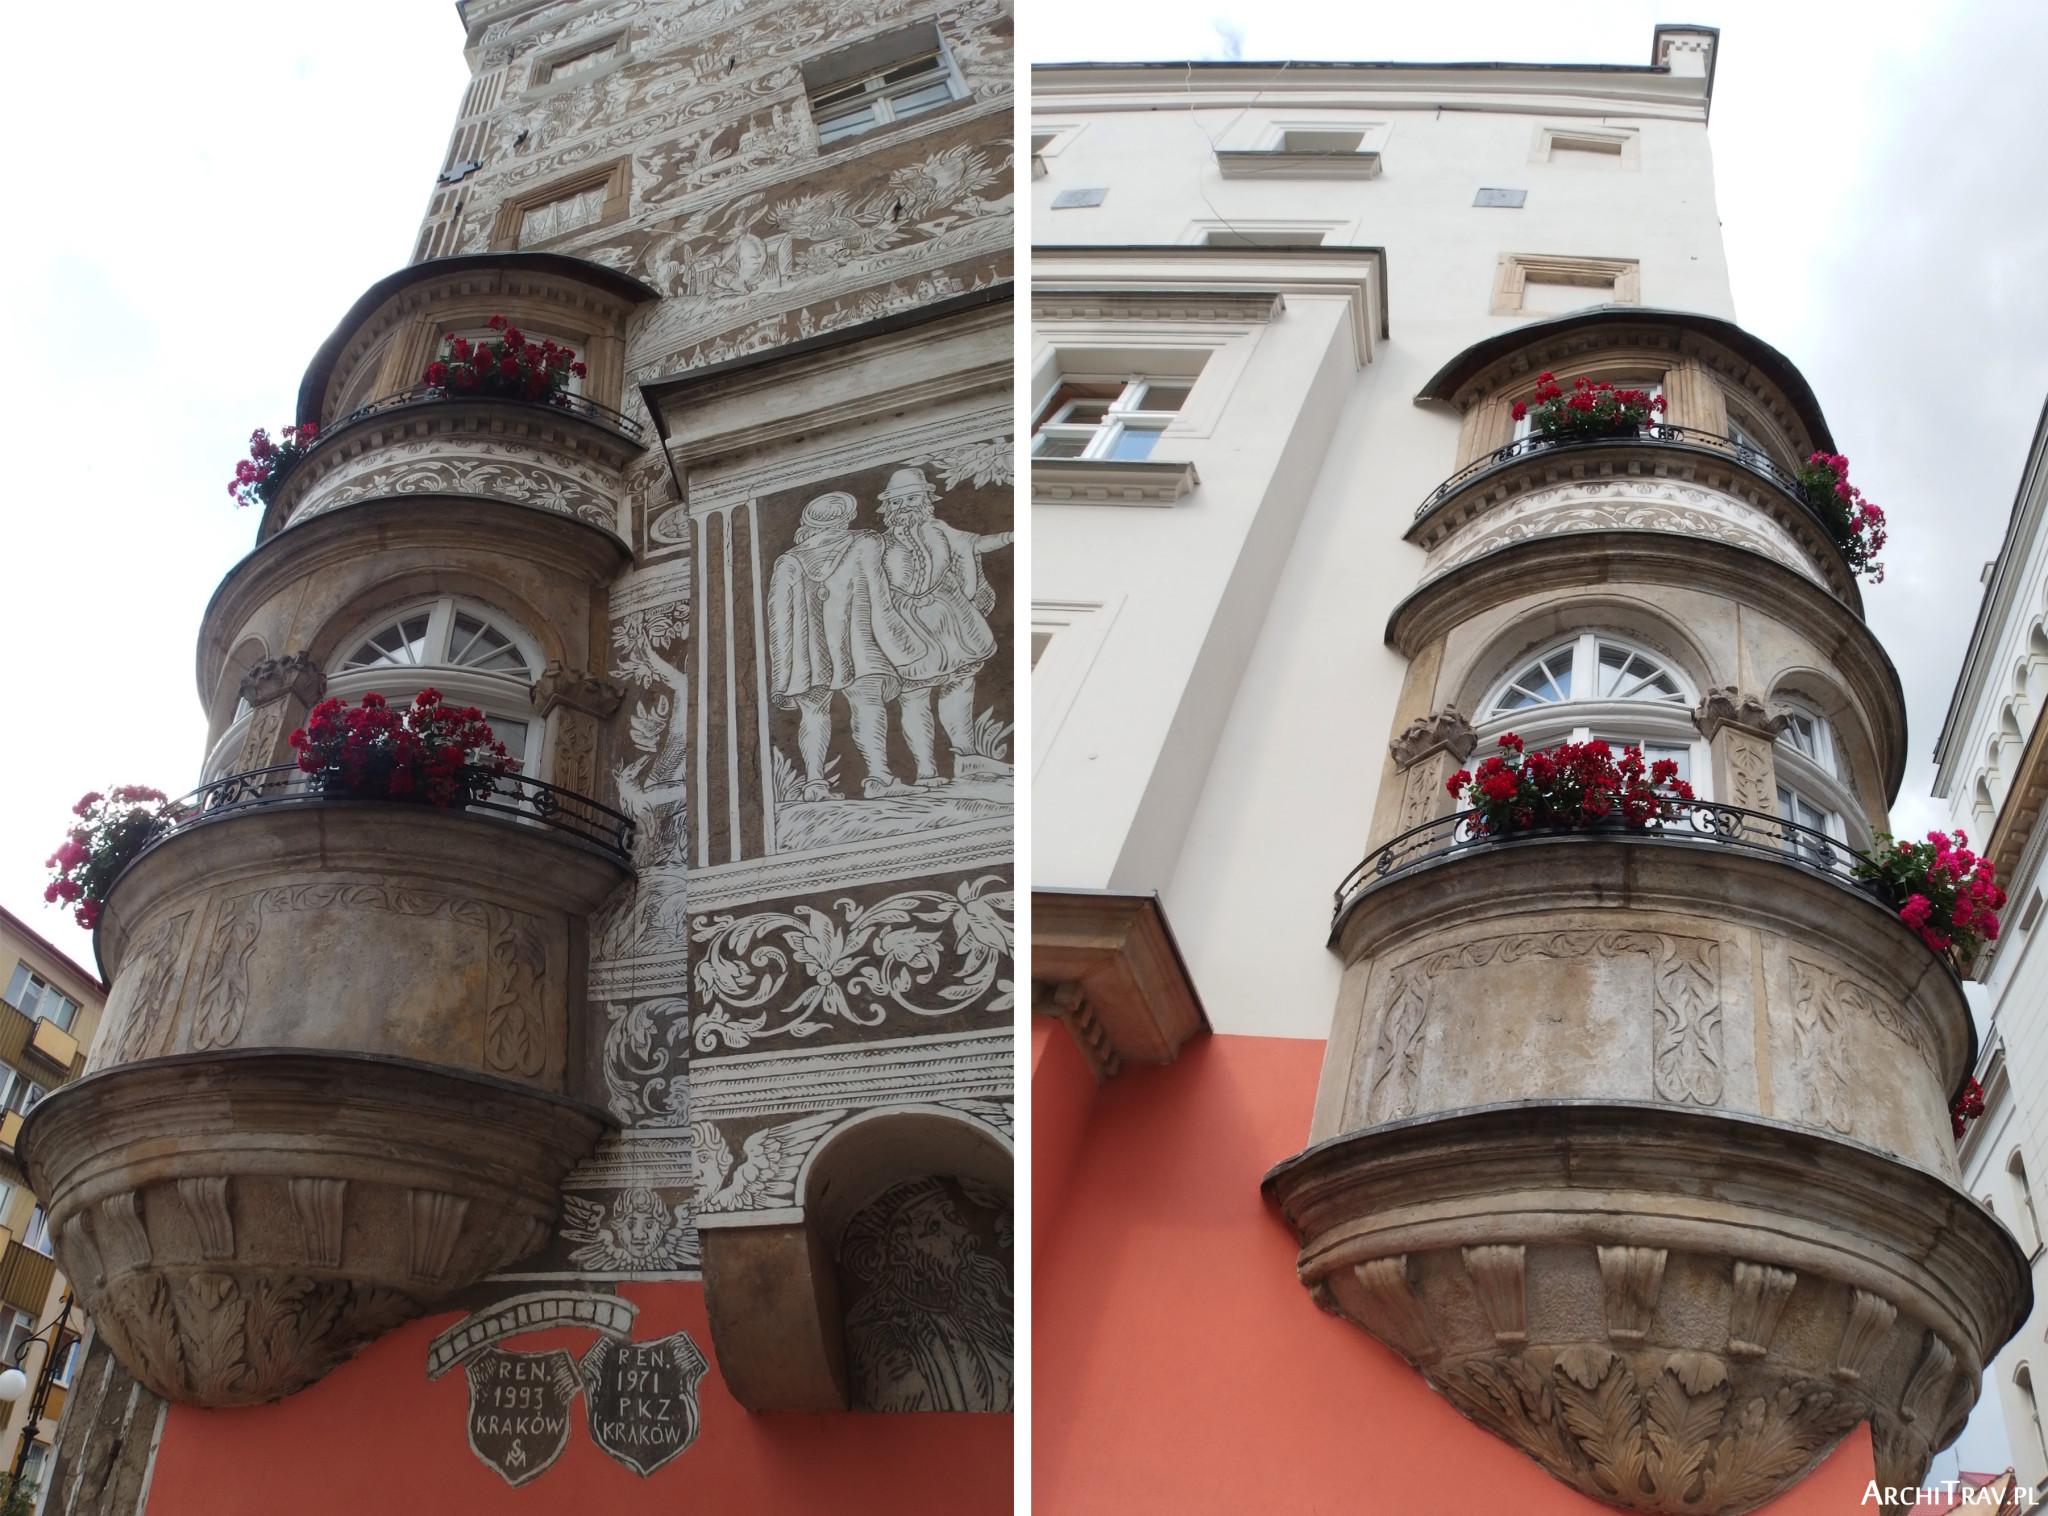 dwa zdjęcia ukazujące detal wykusza cylindrycznego na domu